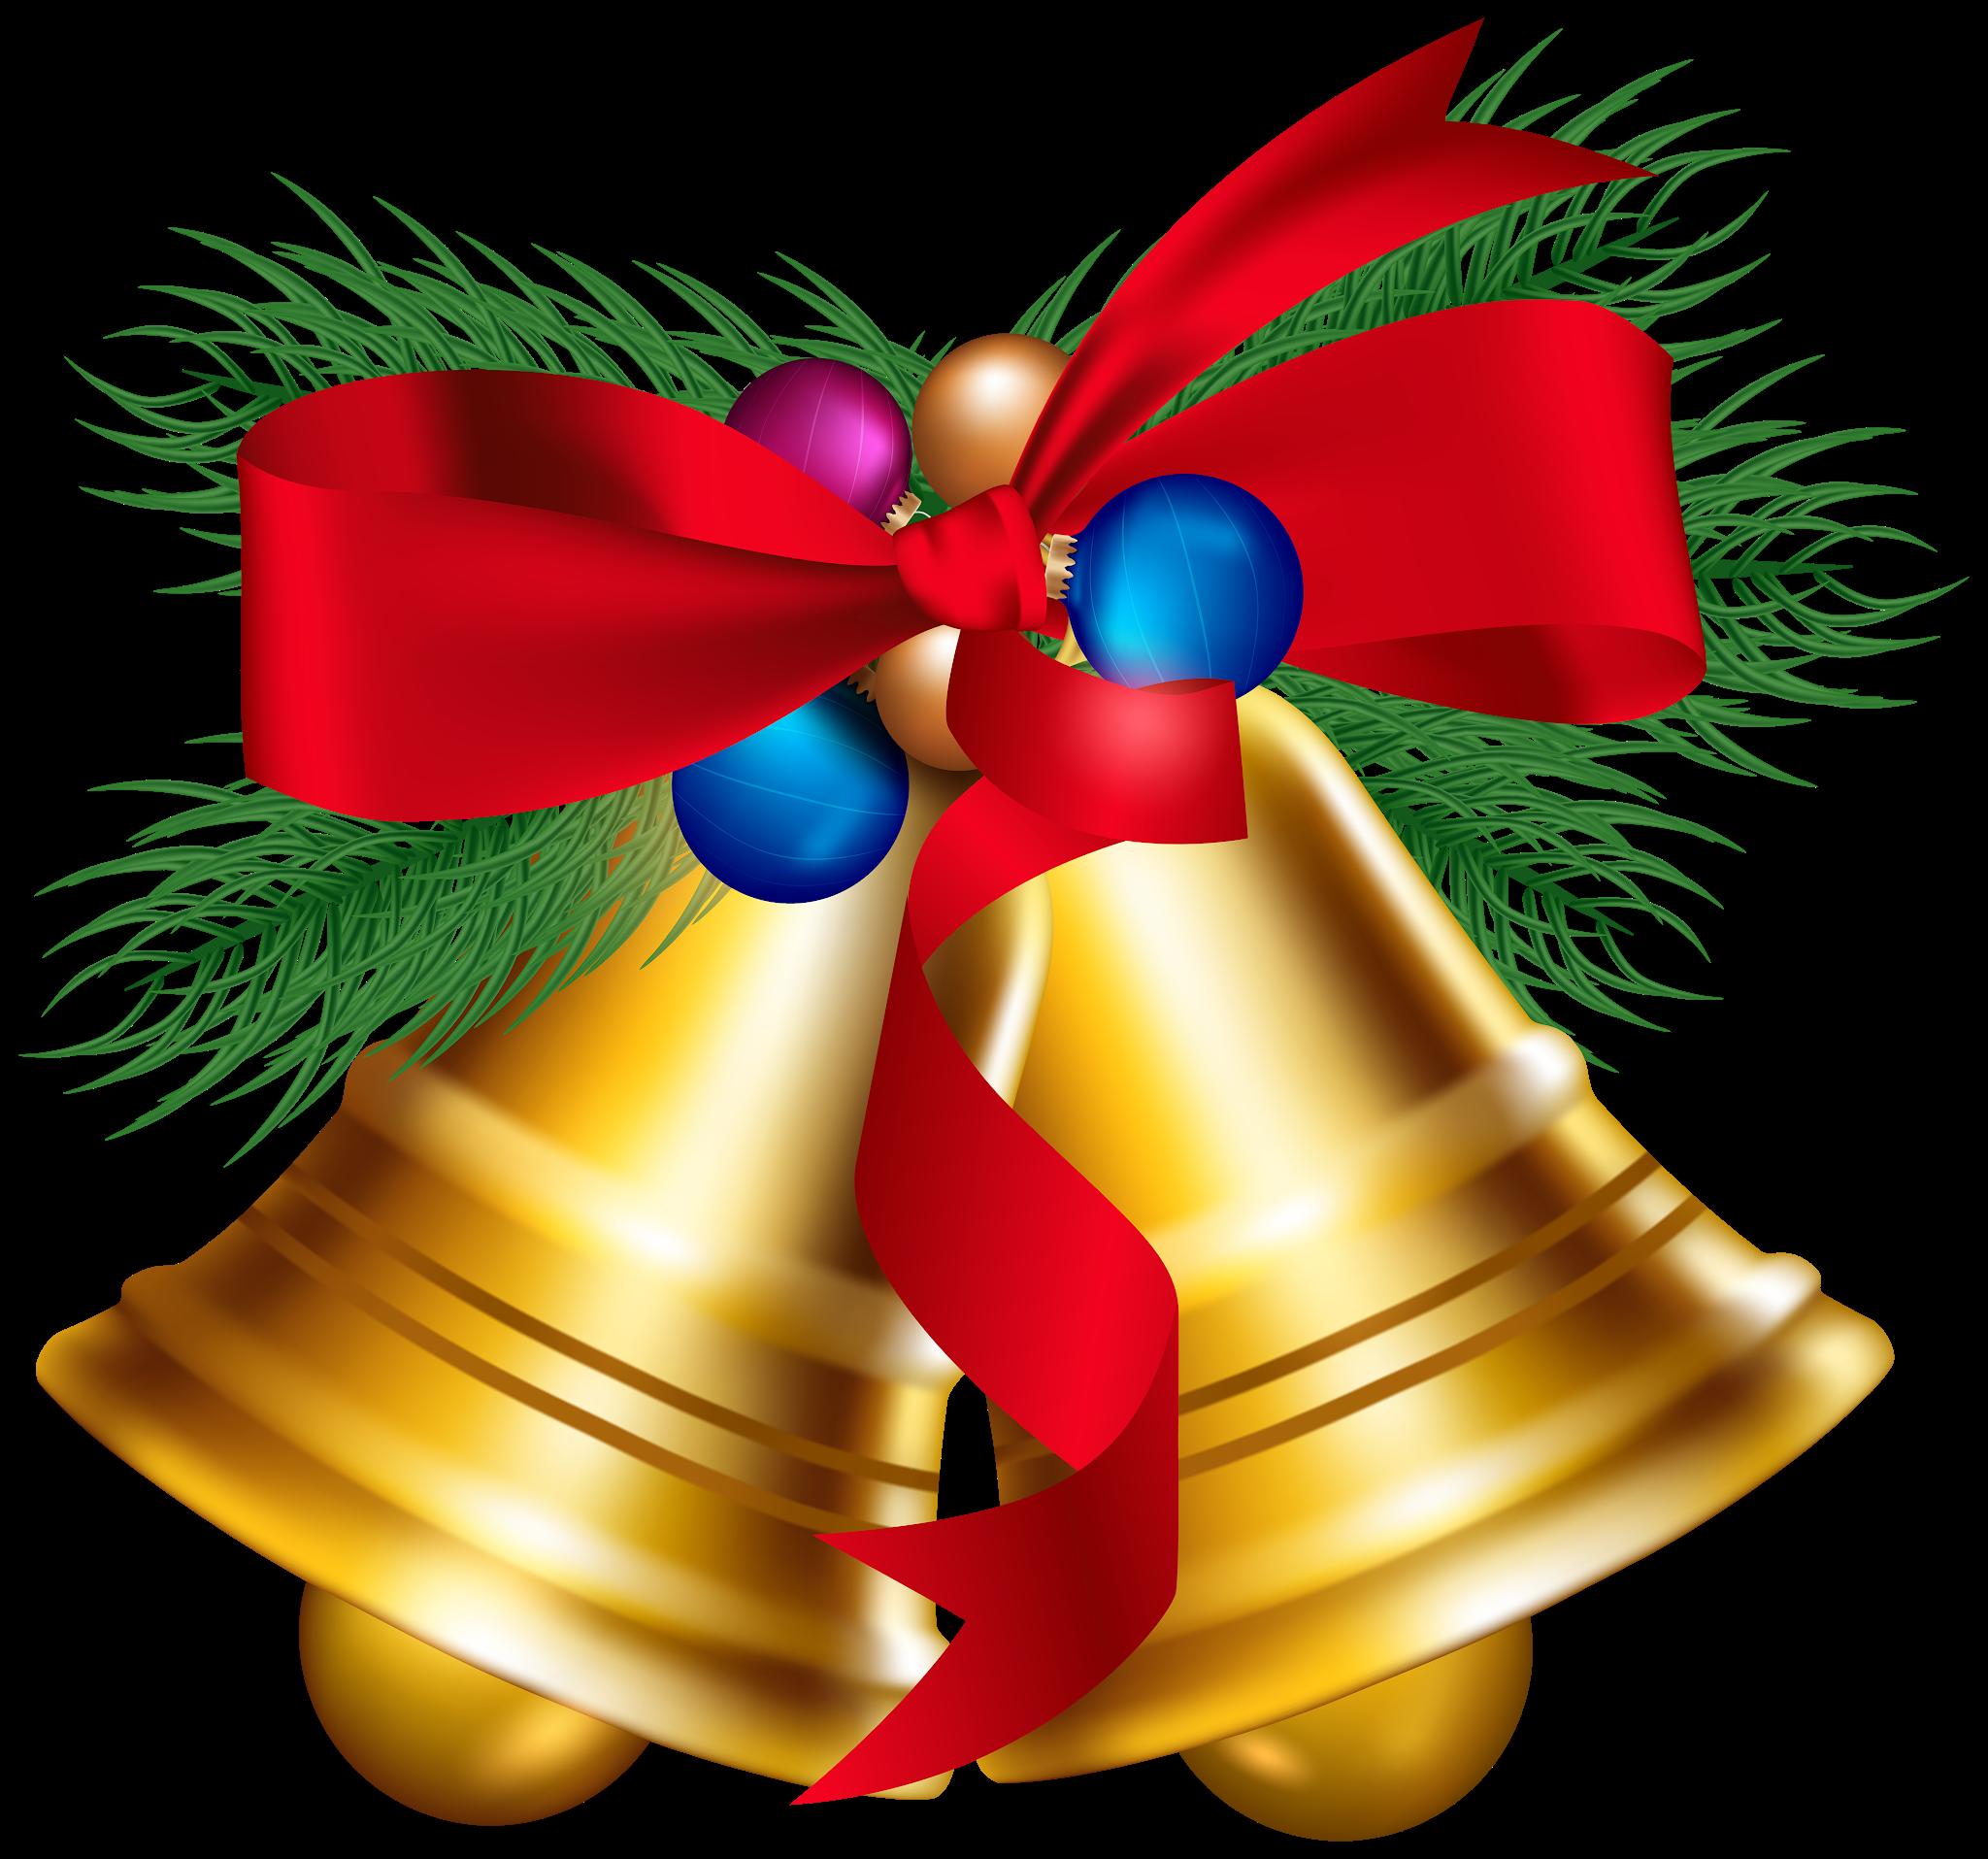 Christmas Day Christmas Decoration Jingle Bell Clip Art Christmas Png Image Clipart Christmas Bells Merry Christmas Images Wish You Merry Christmas